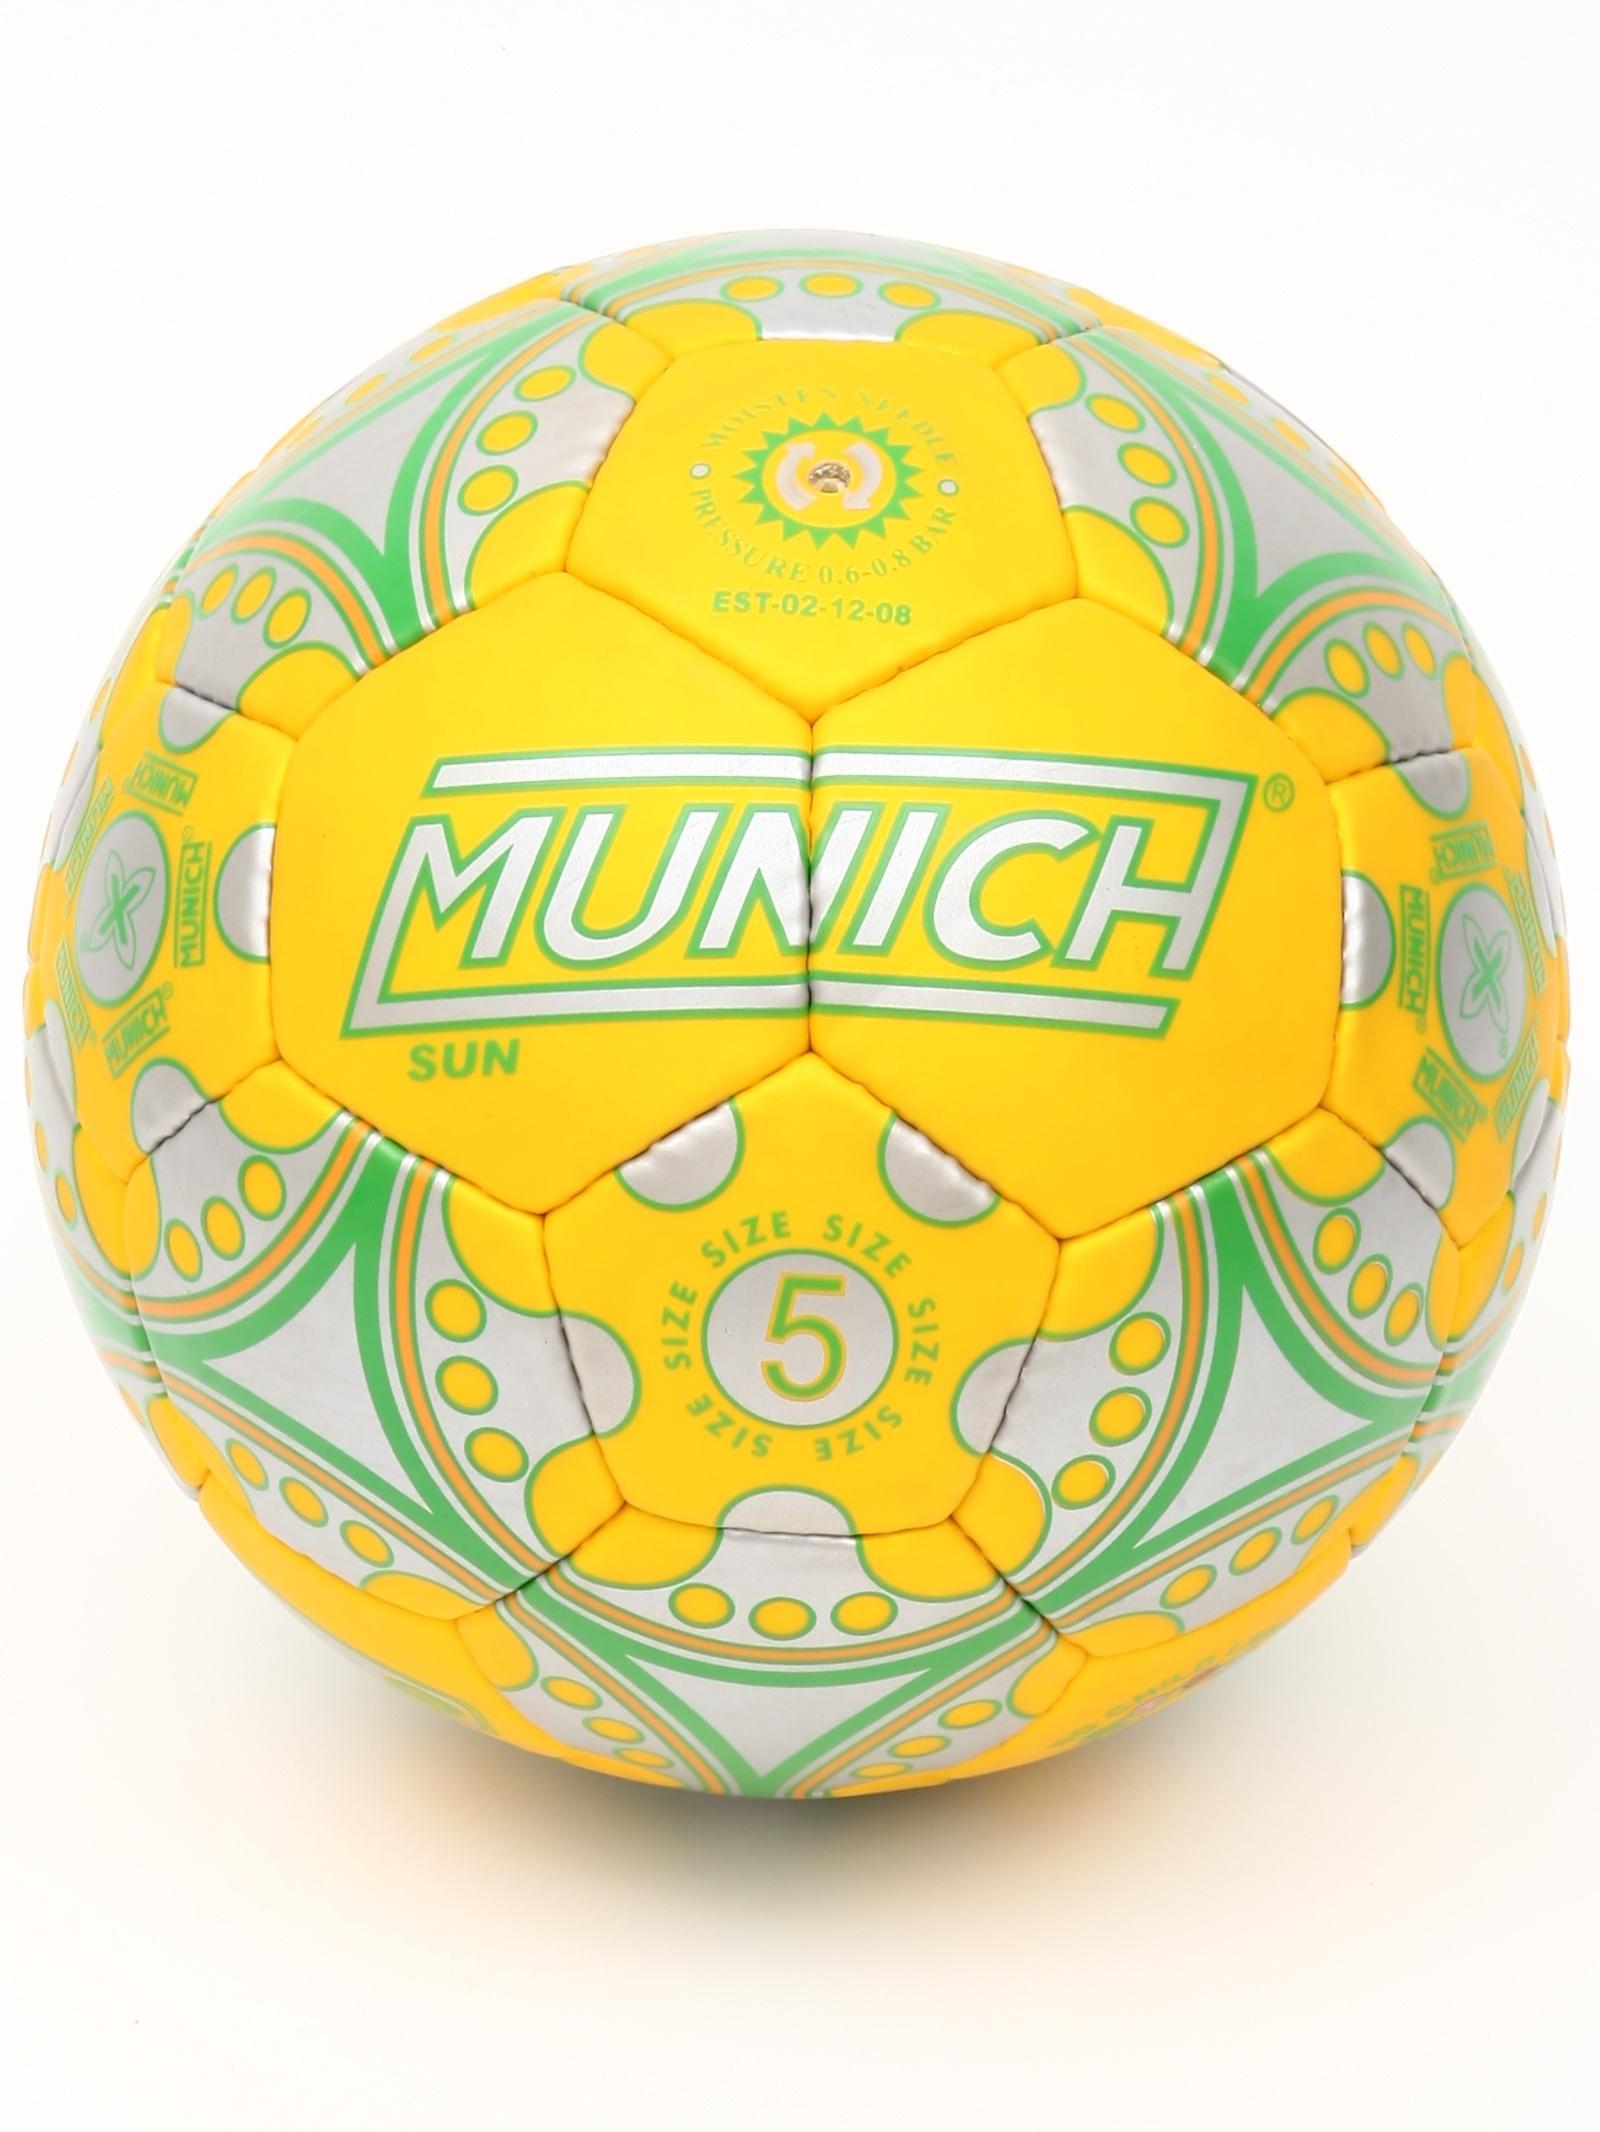 Мяч футбольный MUNICH Мяч футбольный SUN №5, желтый lumion 3083 1w ln16 000 темный хром стекло метал декор бра e14 1 40w 220v aria